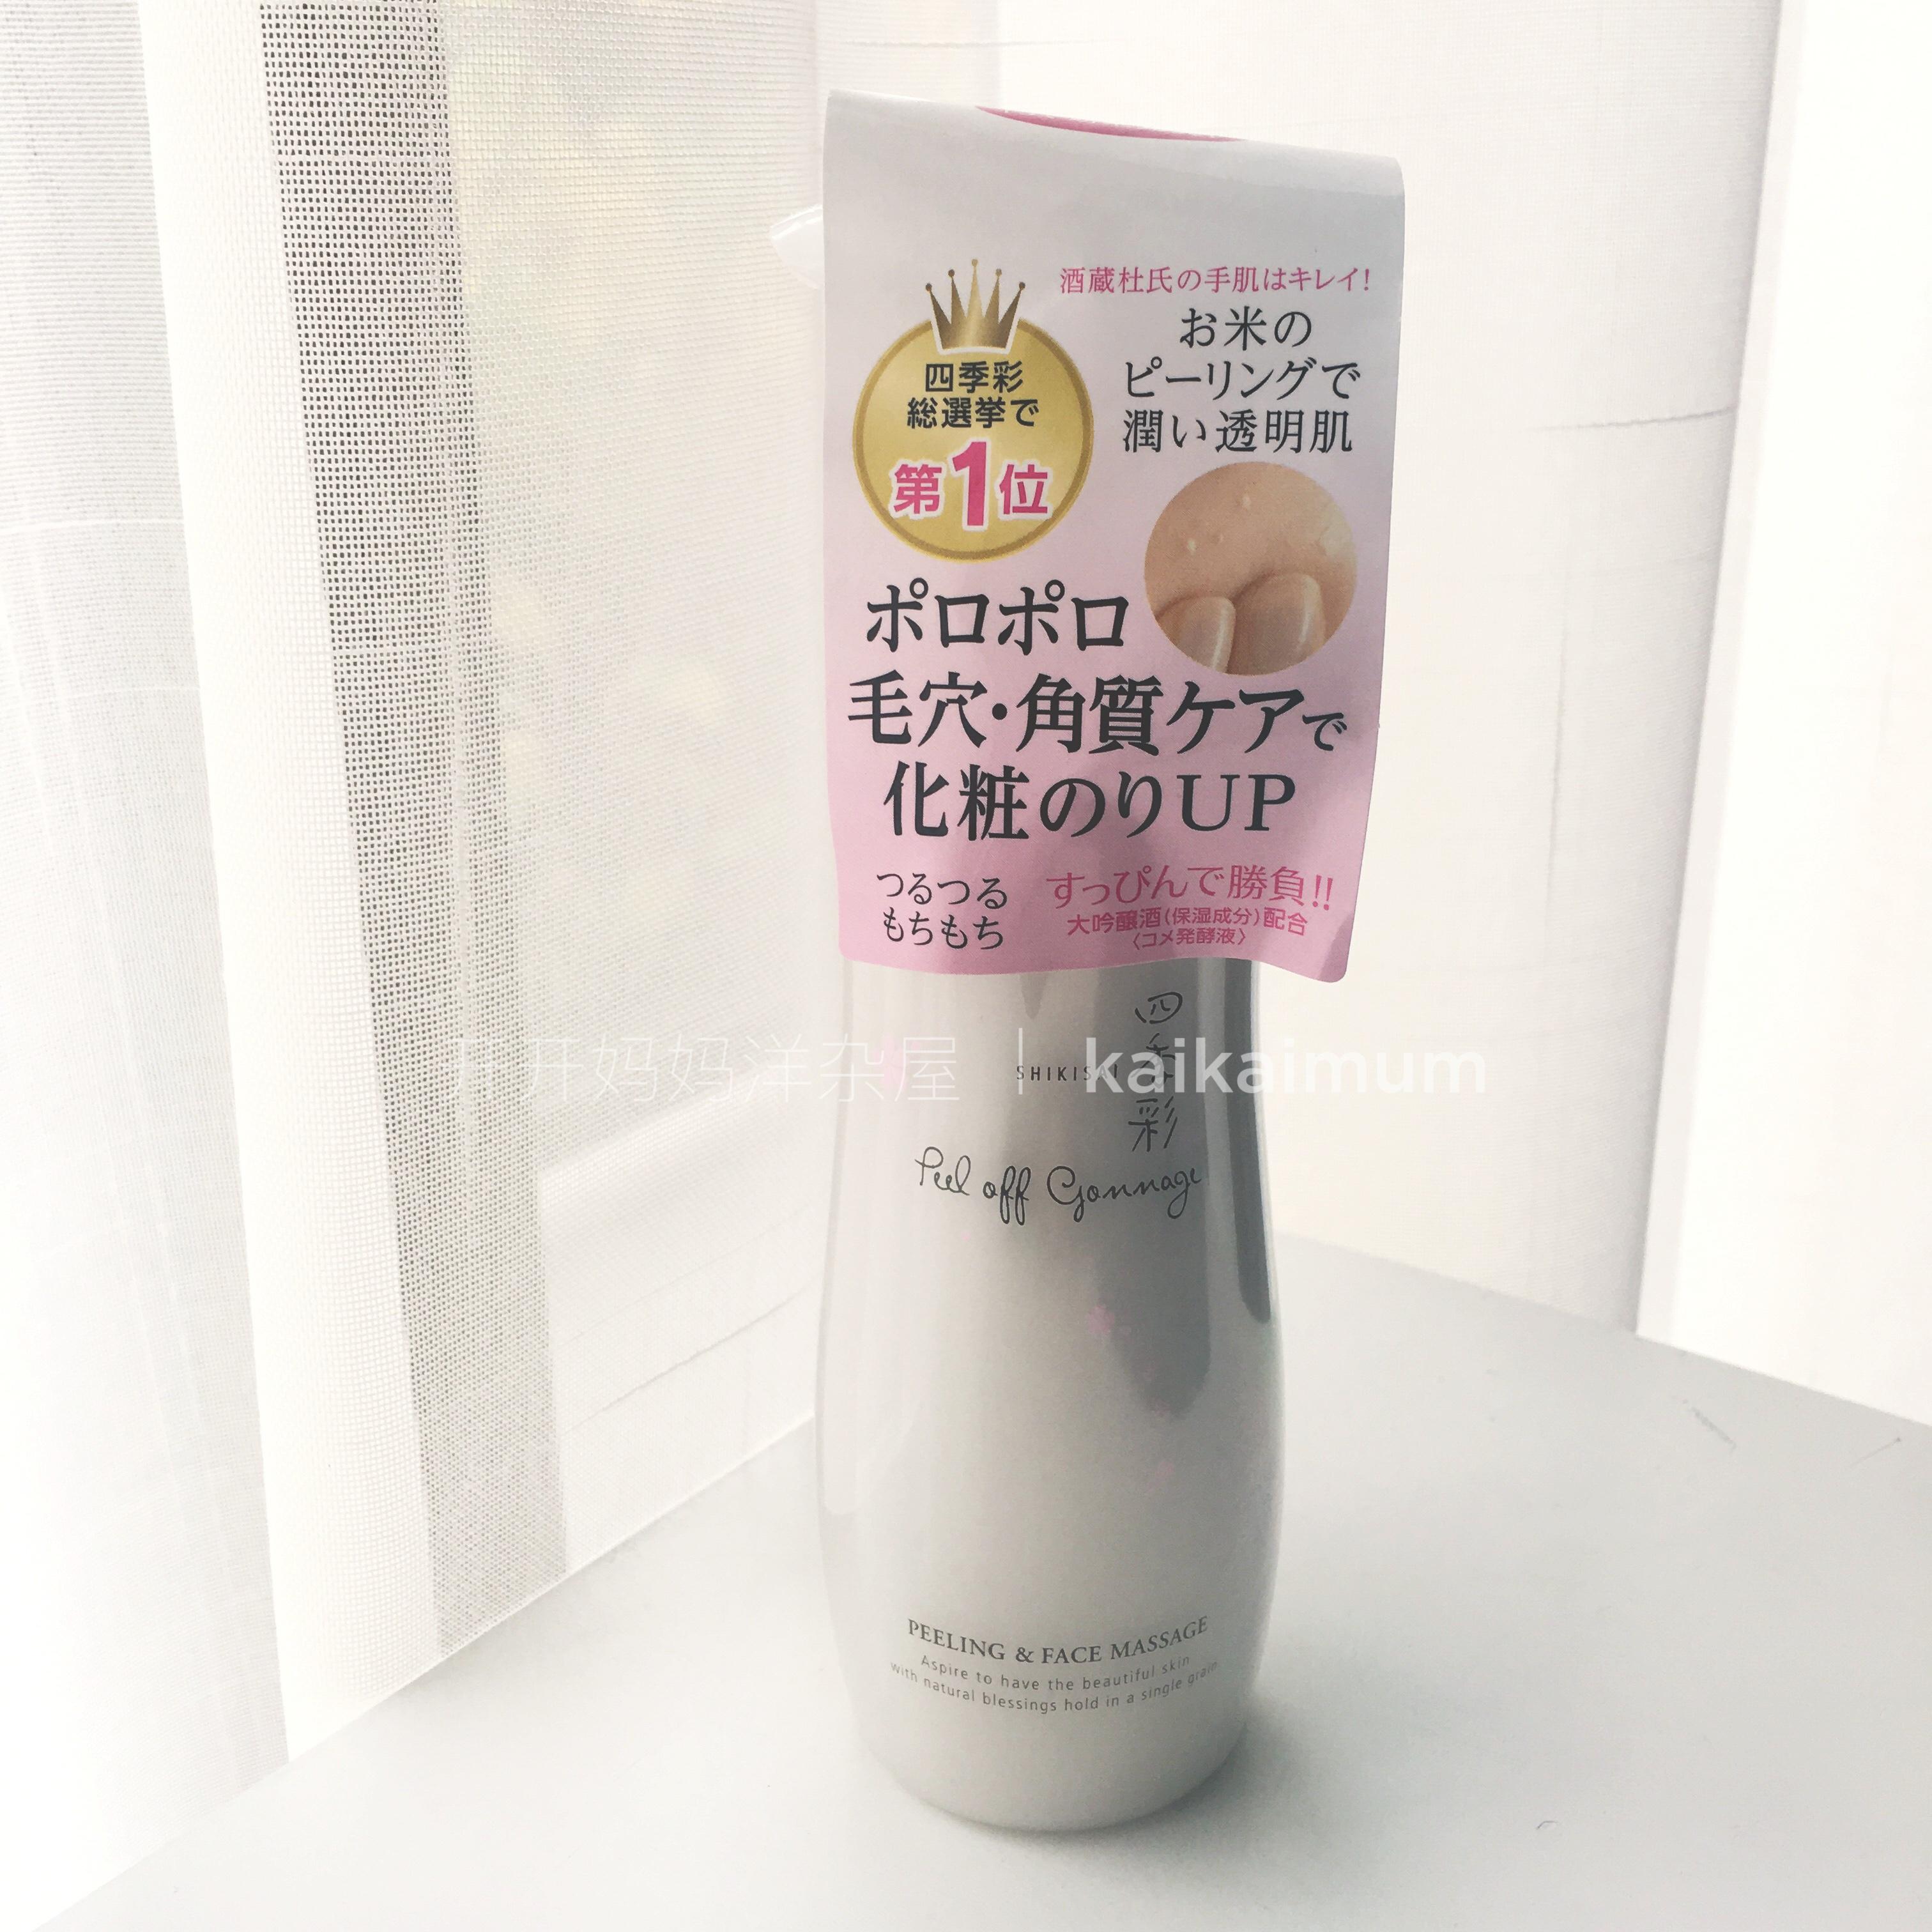 k妈家现货日本温和滋润提亮四季彩大米发酵 面部去角质脸部